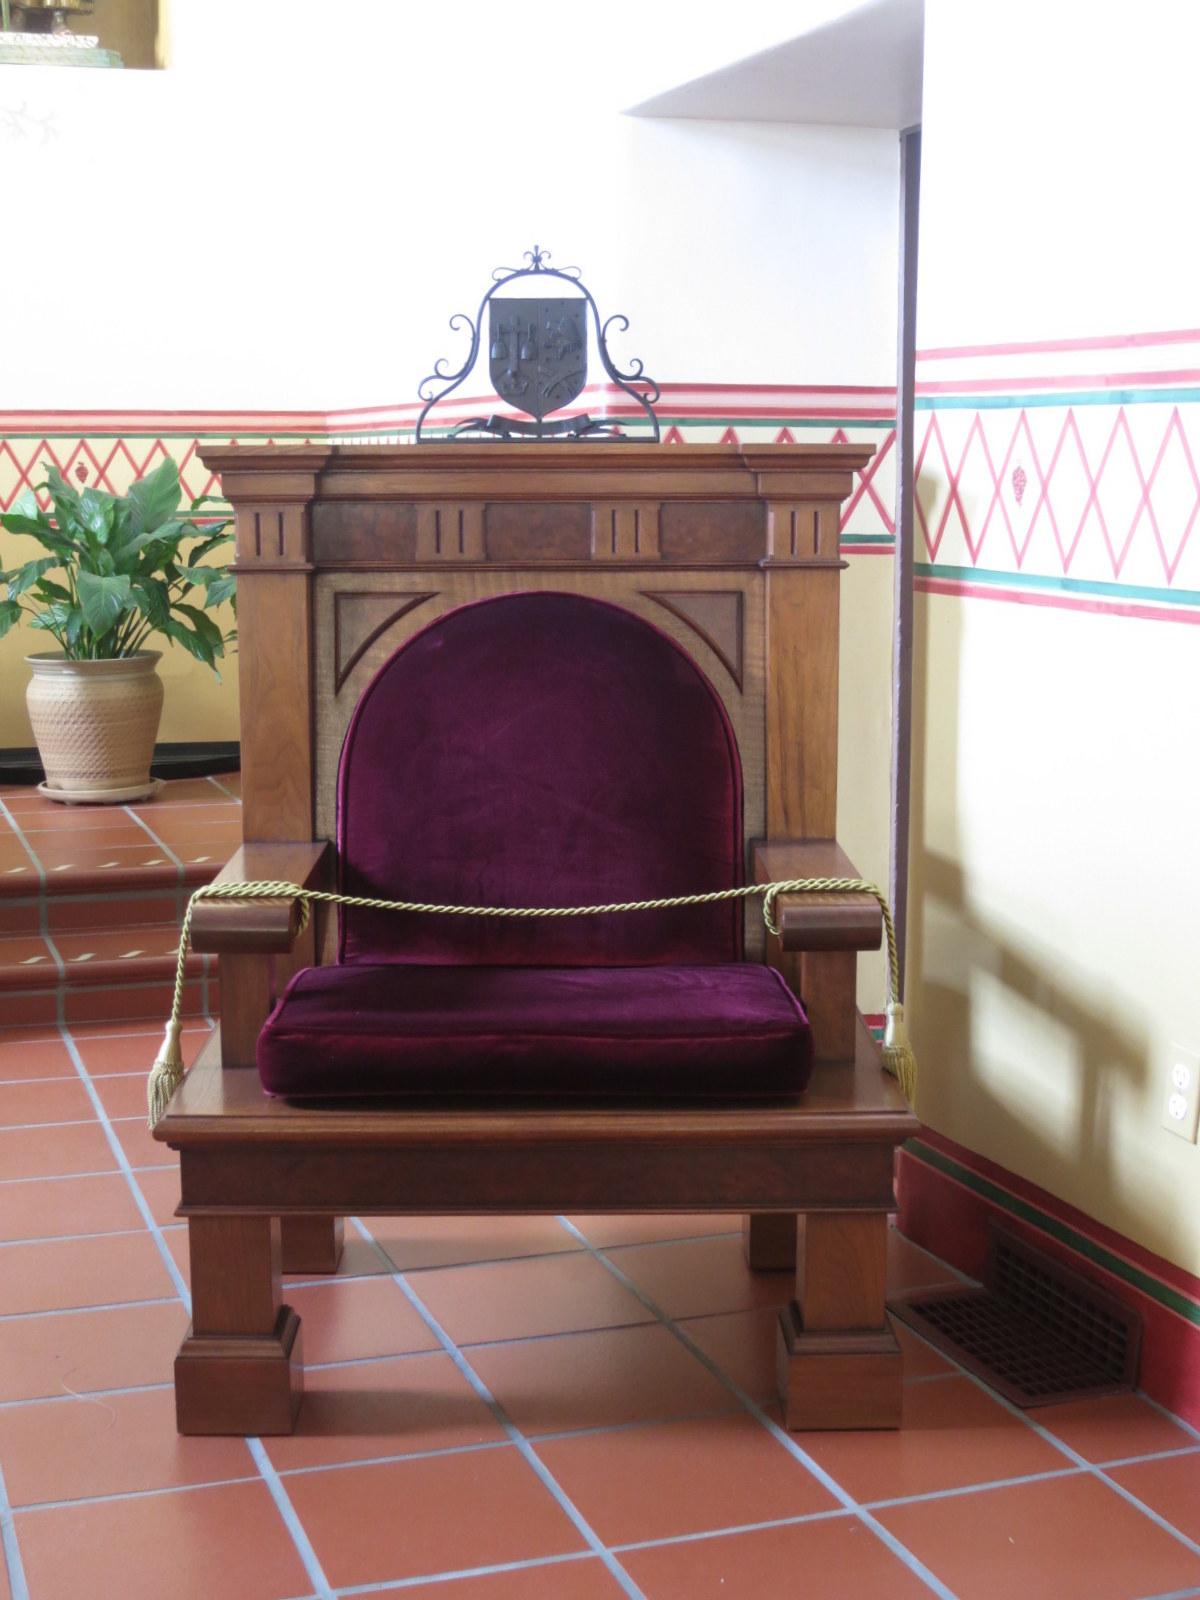 file san carlos borromeo cathedral monterey ca interior